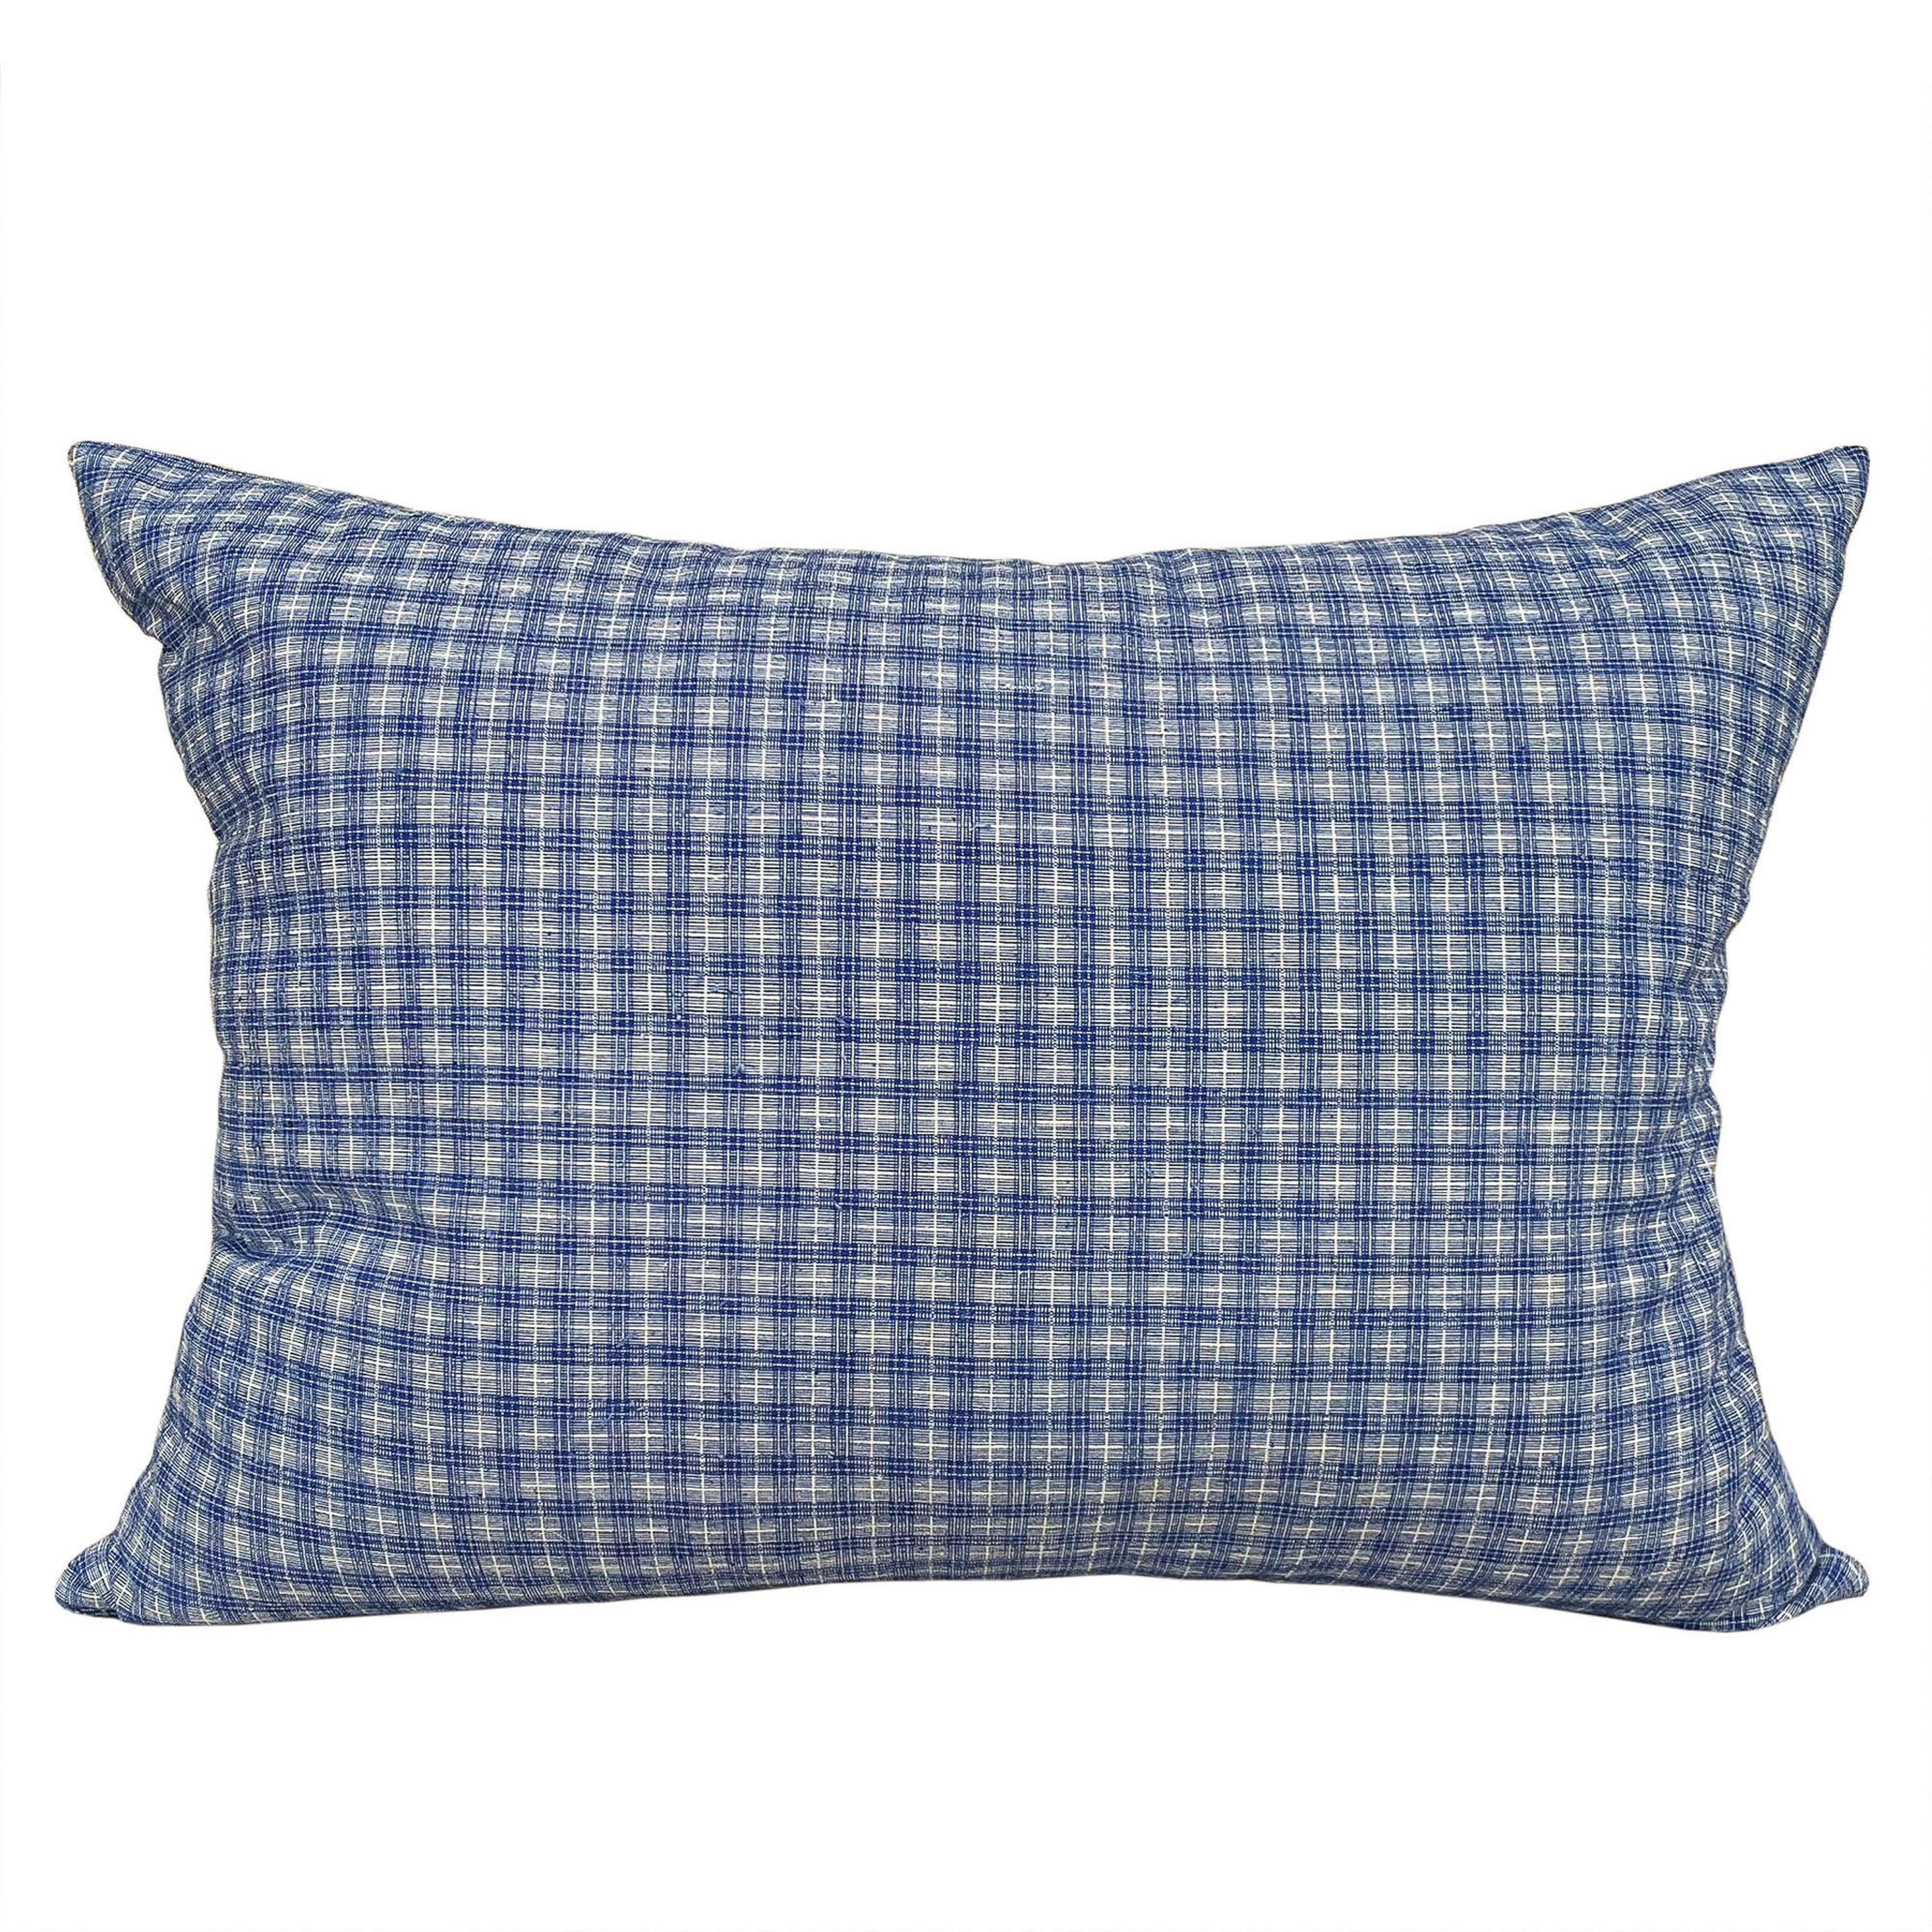 Songjiang cushions - dark check